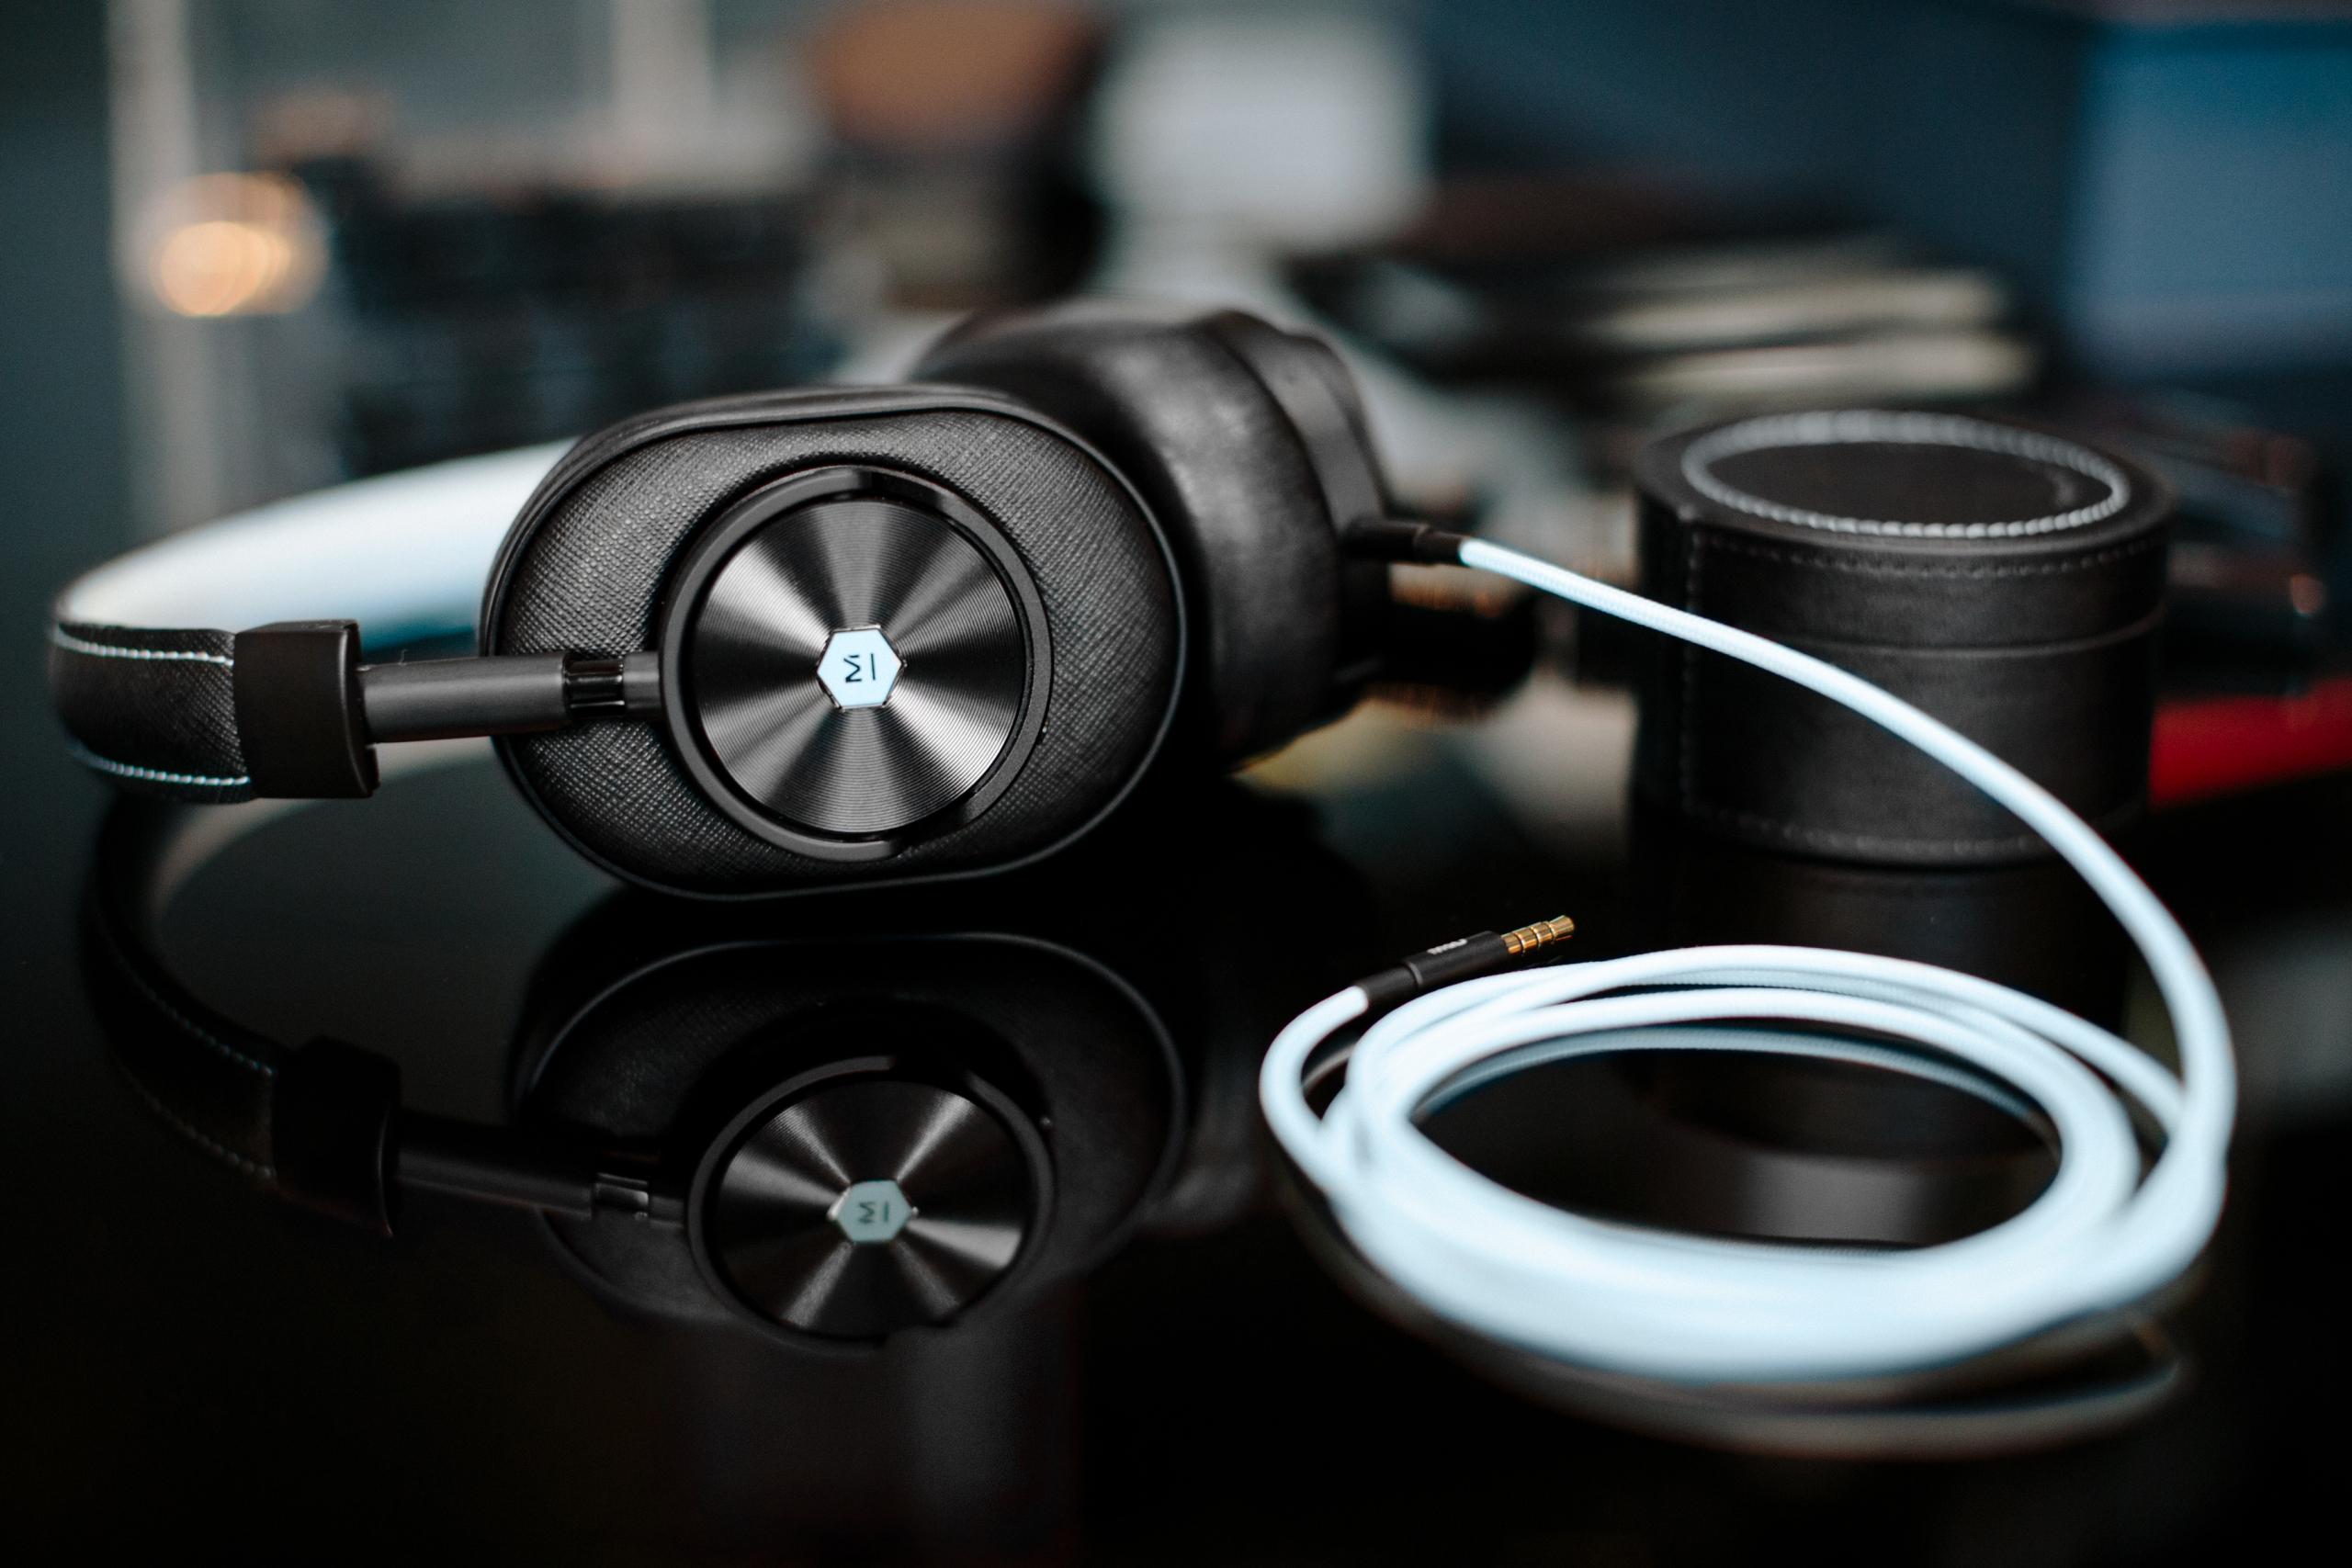 Master & Dynamic Bamford headphones